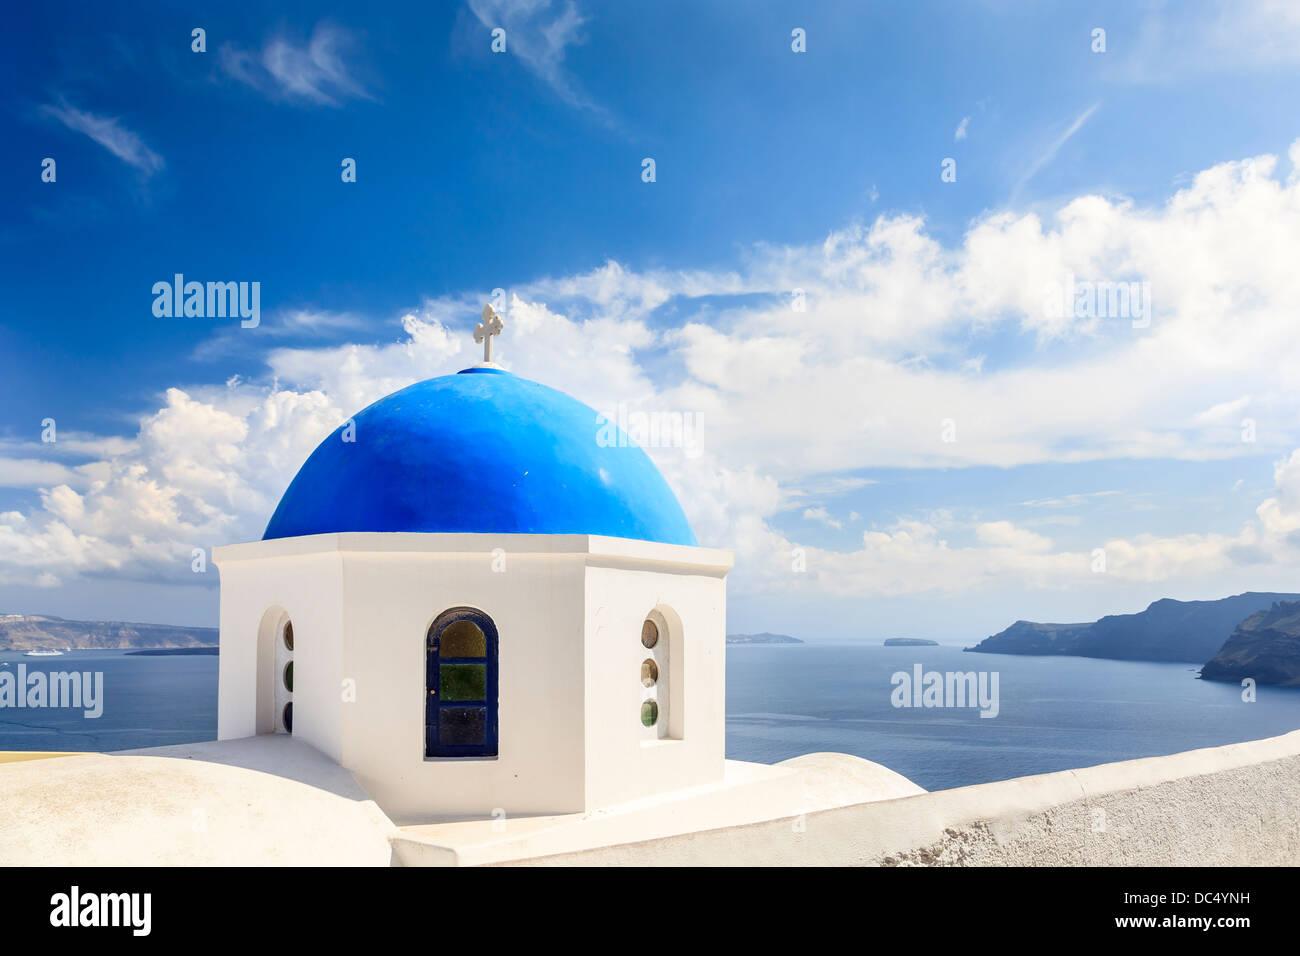 Hermosa iglesia de cúpula azul con vistas al mar Egeo en Oia, Santorini, Grecia, Europa Imagen De Stock